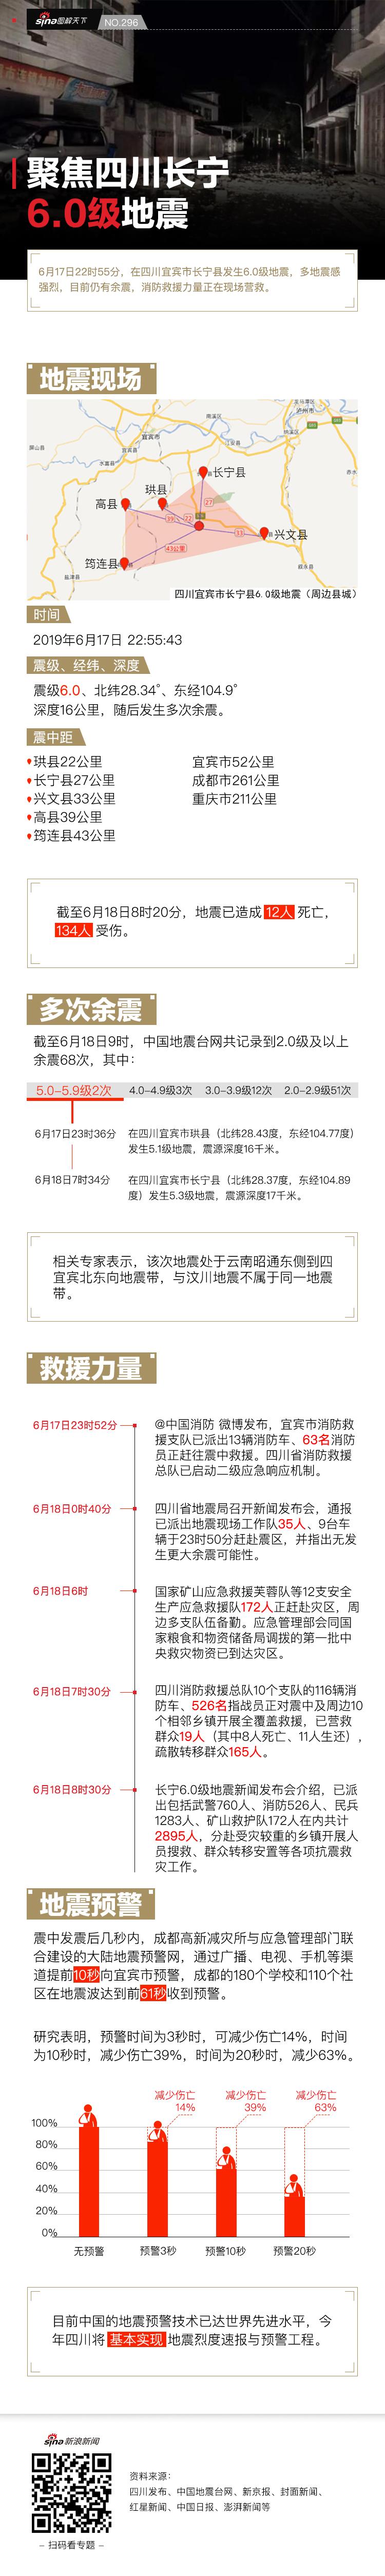 广东分分彩有官网吗,聚焦四川长宁6.0级地震丨新浪新闻图解天下